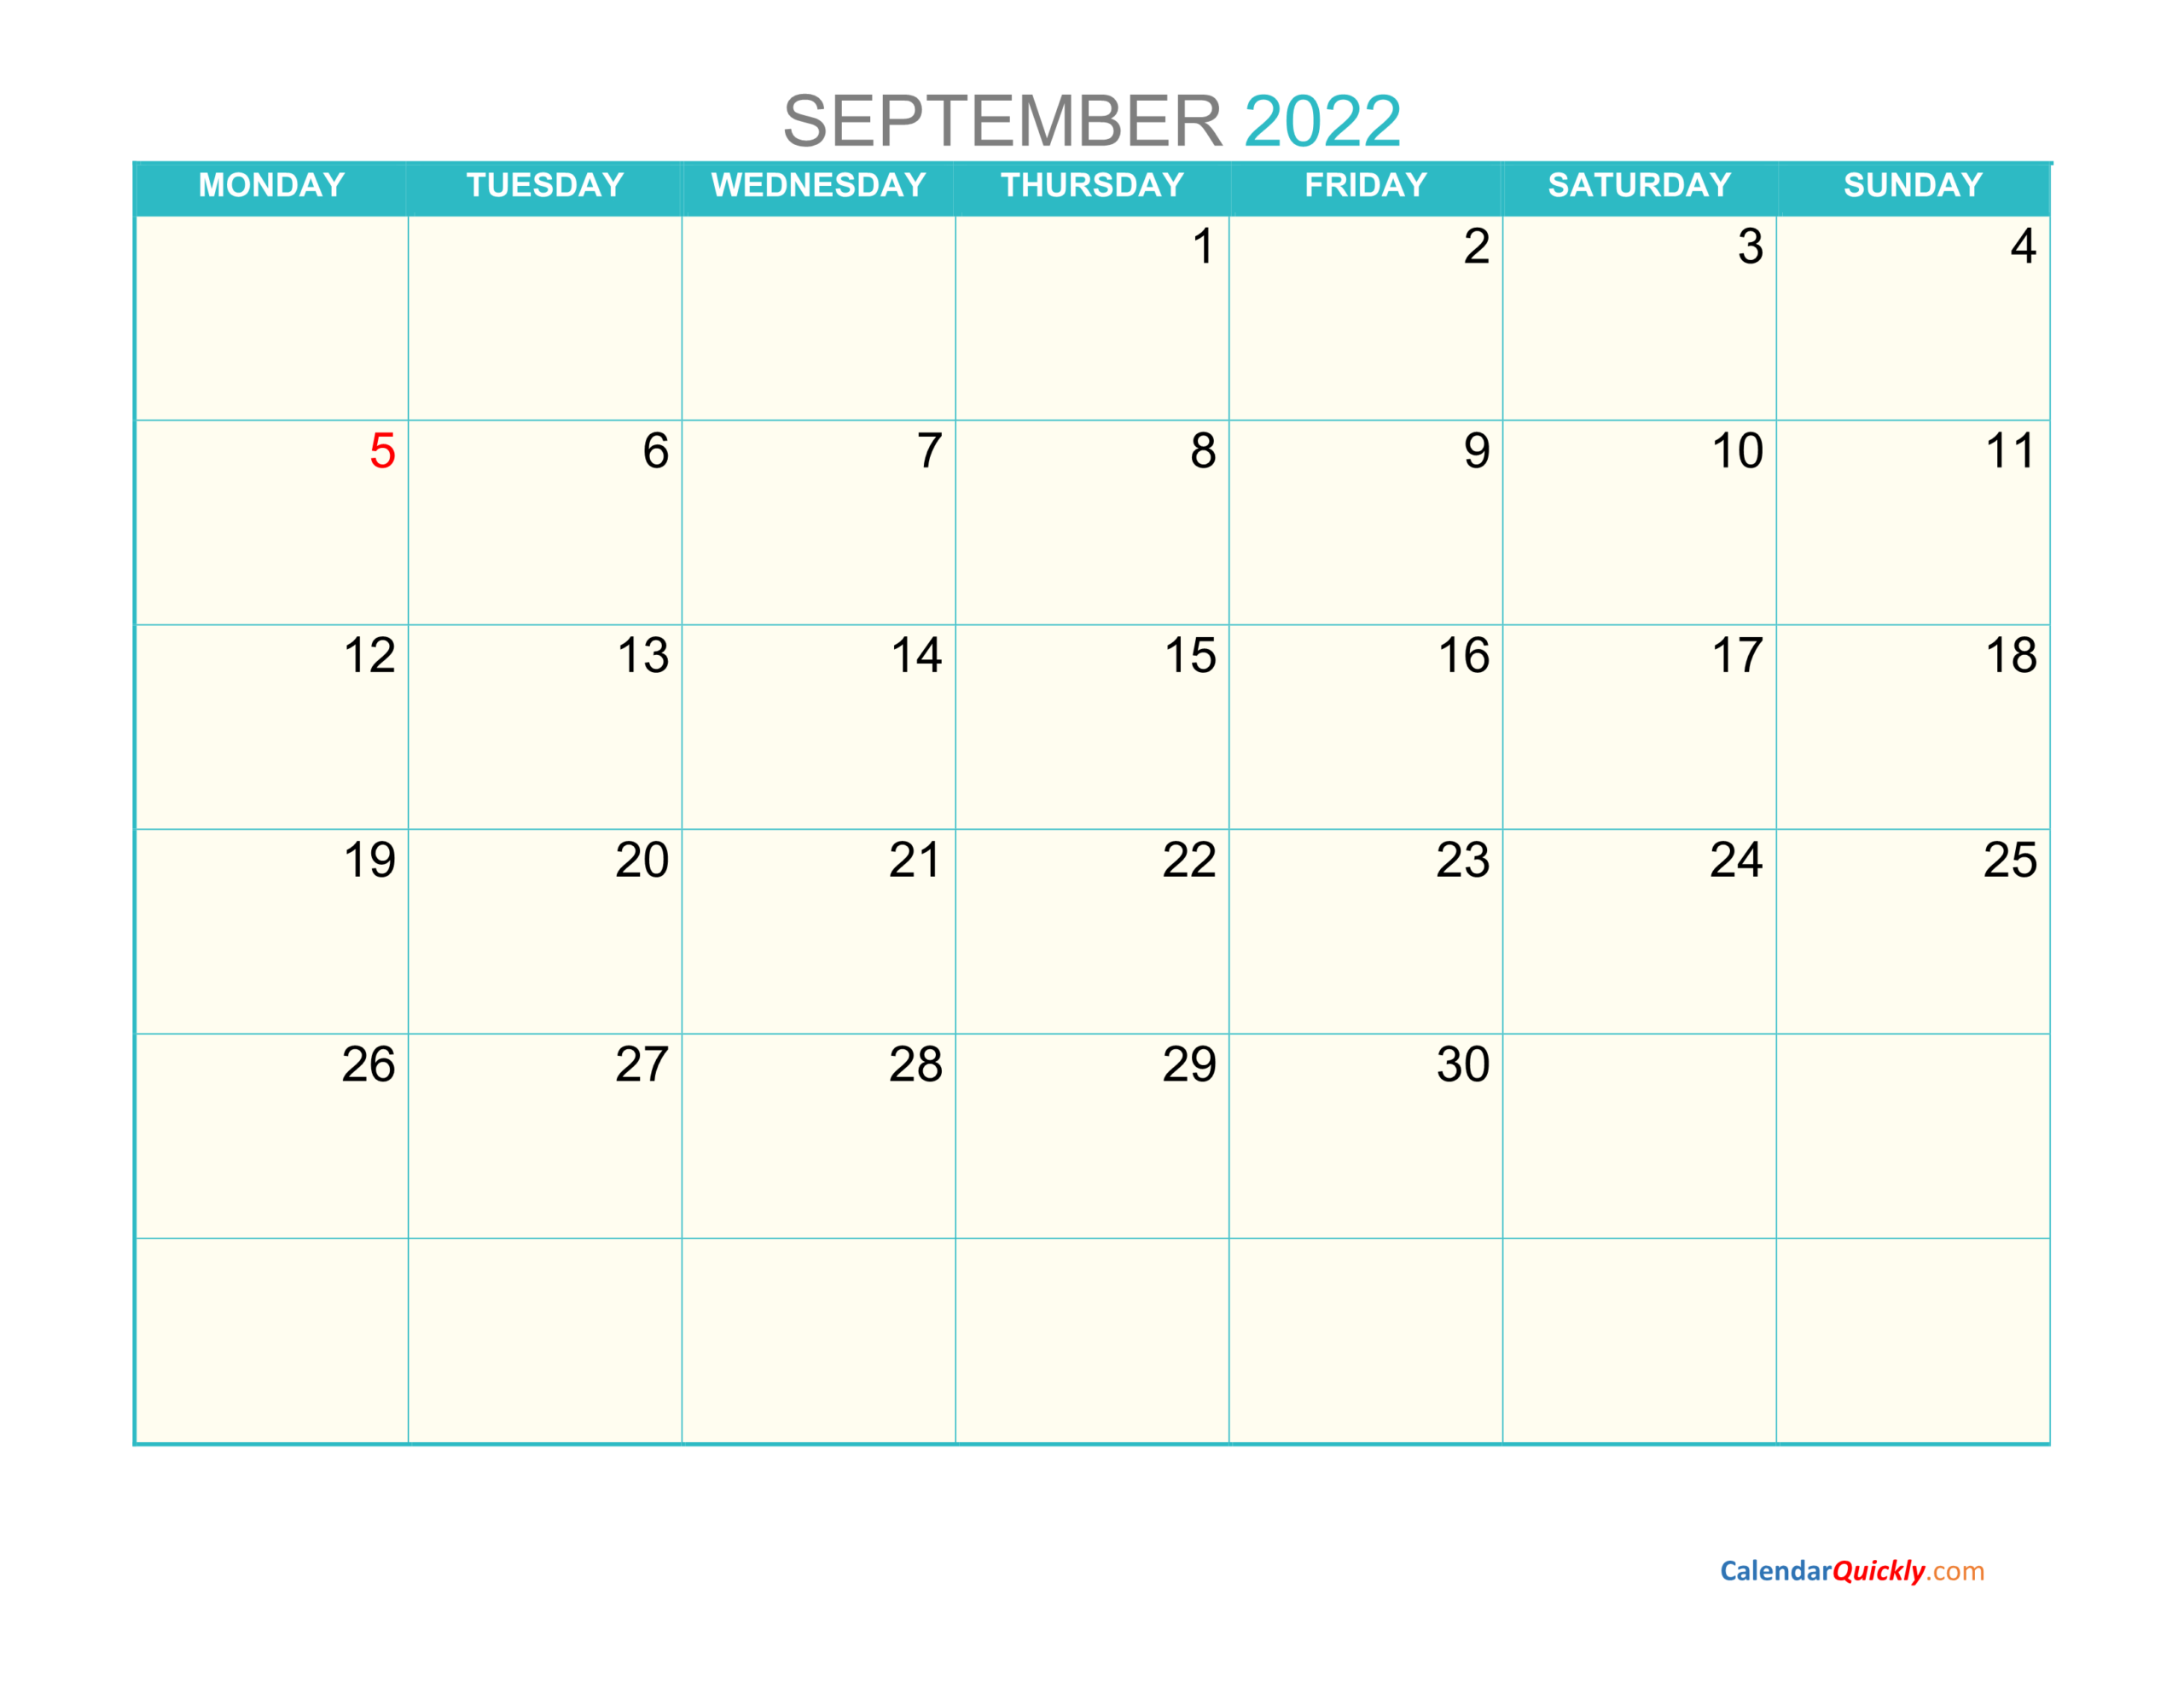 September Monday 2022 Calendar Printable   Calendar Quickly regarding September 2022 Calendar Template